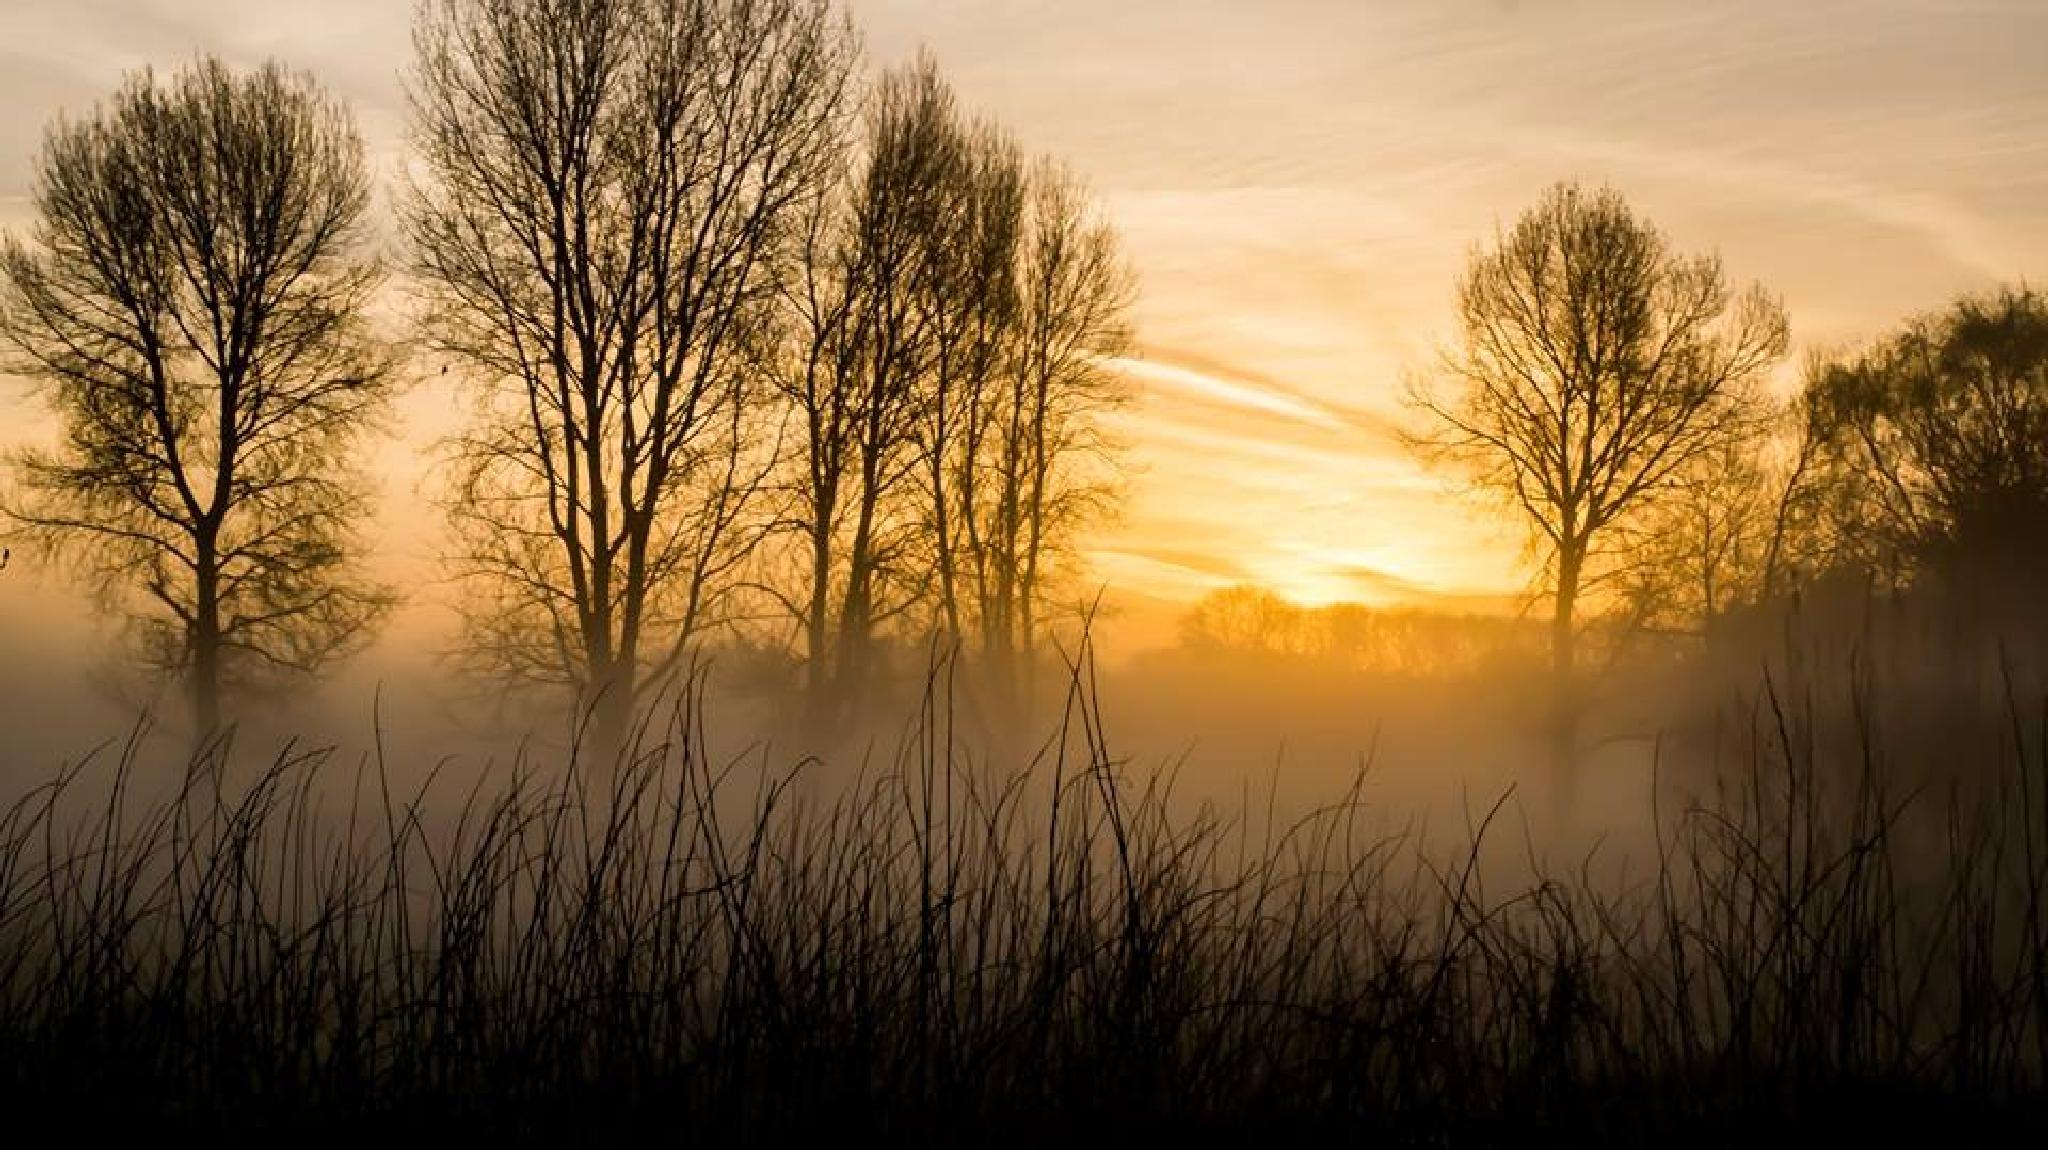 Misty sunrise by czeddy70